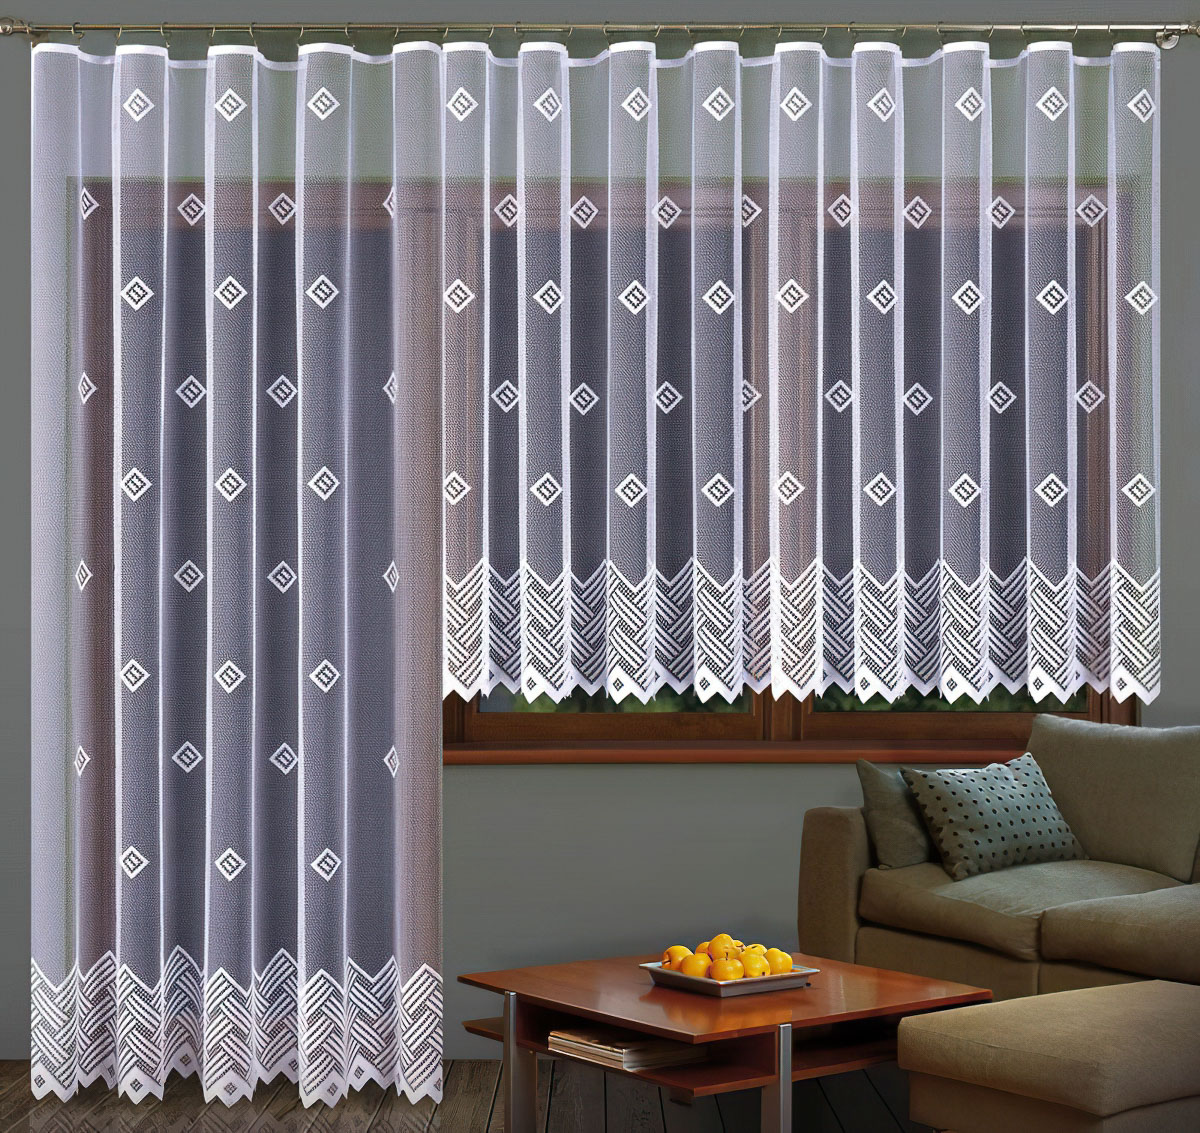 Forbyt Kusová záclona BARBORA jednobarevná bílá, výška 150 cm x šířka 300 cm + výška 250 cm x šířka 200 cm (balkonový set)